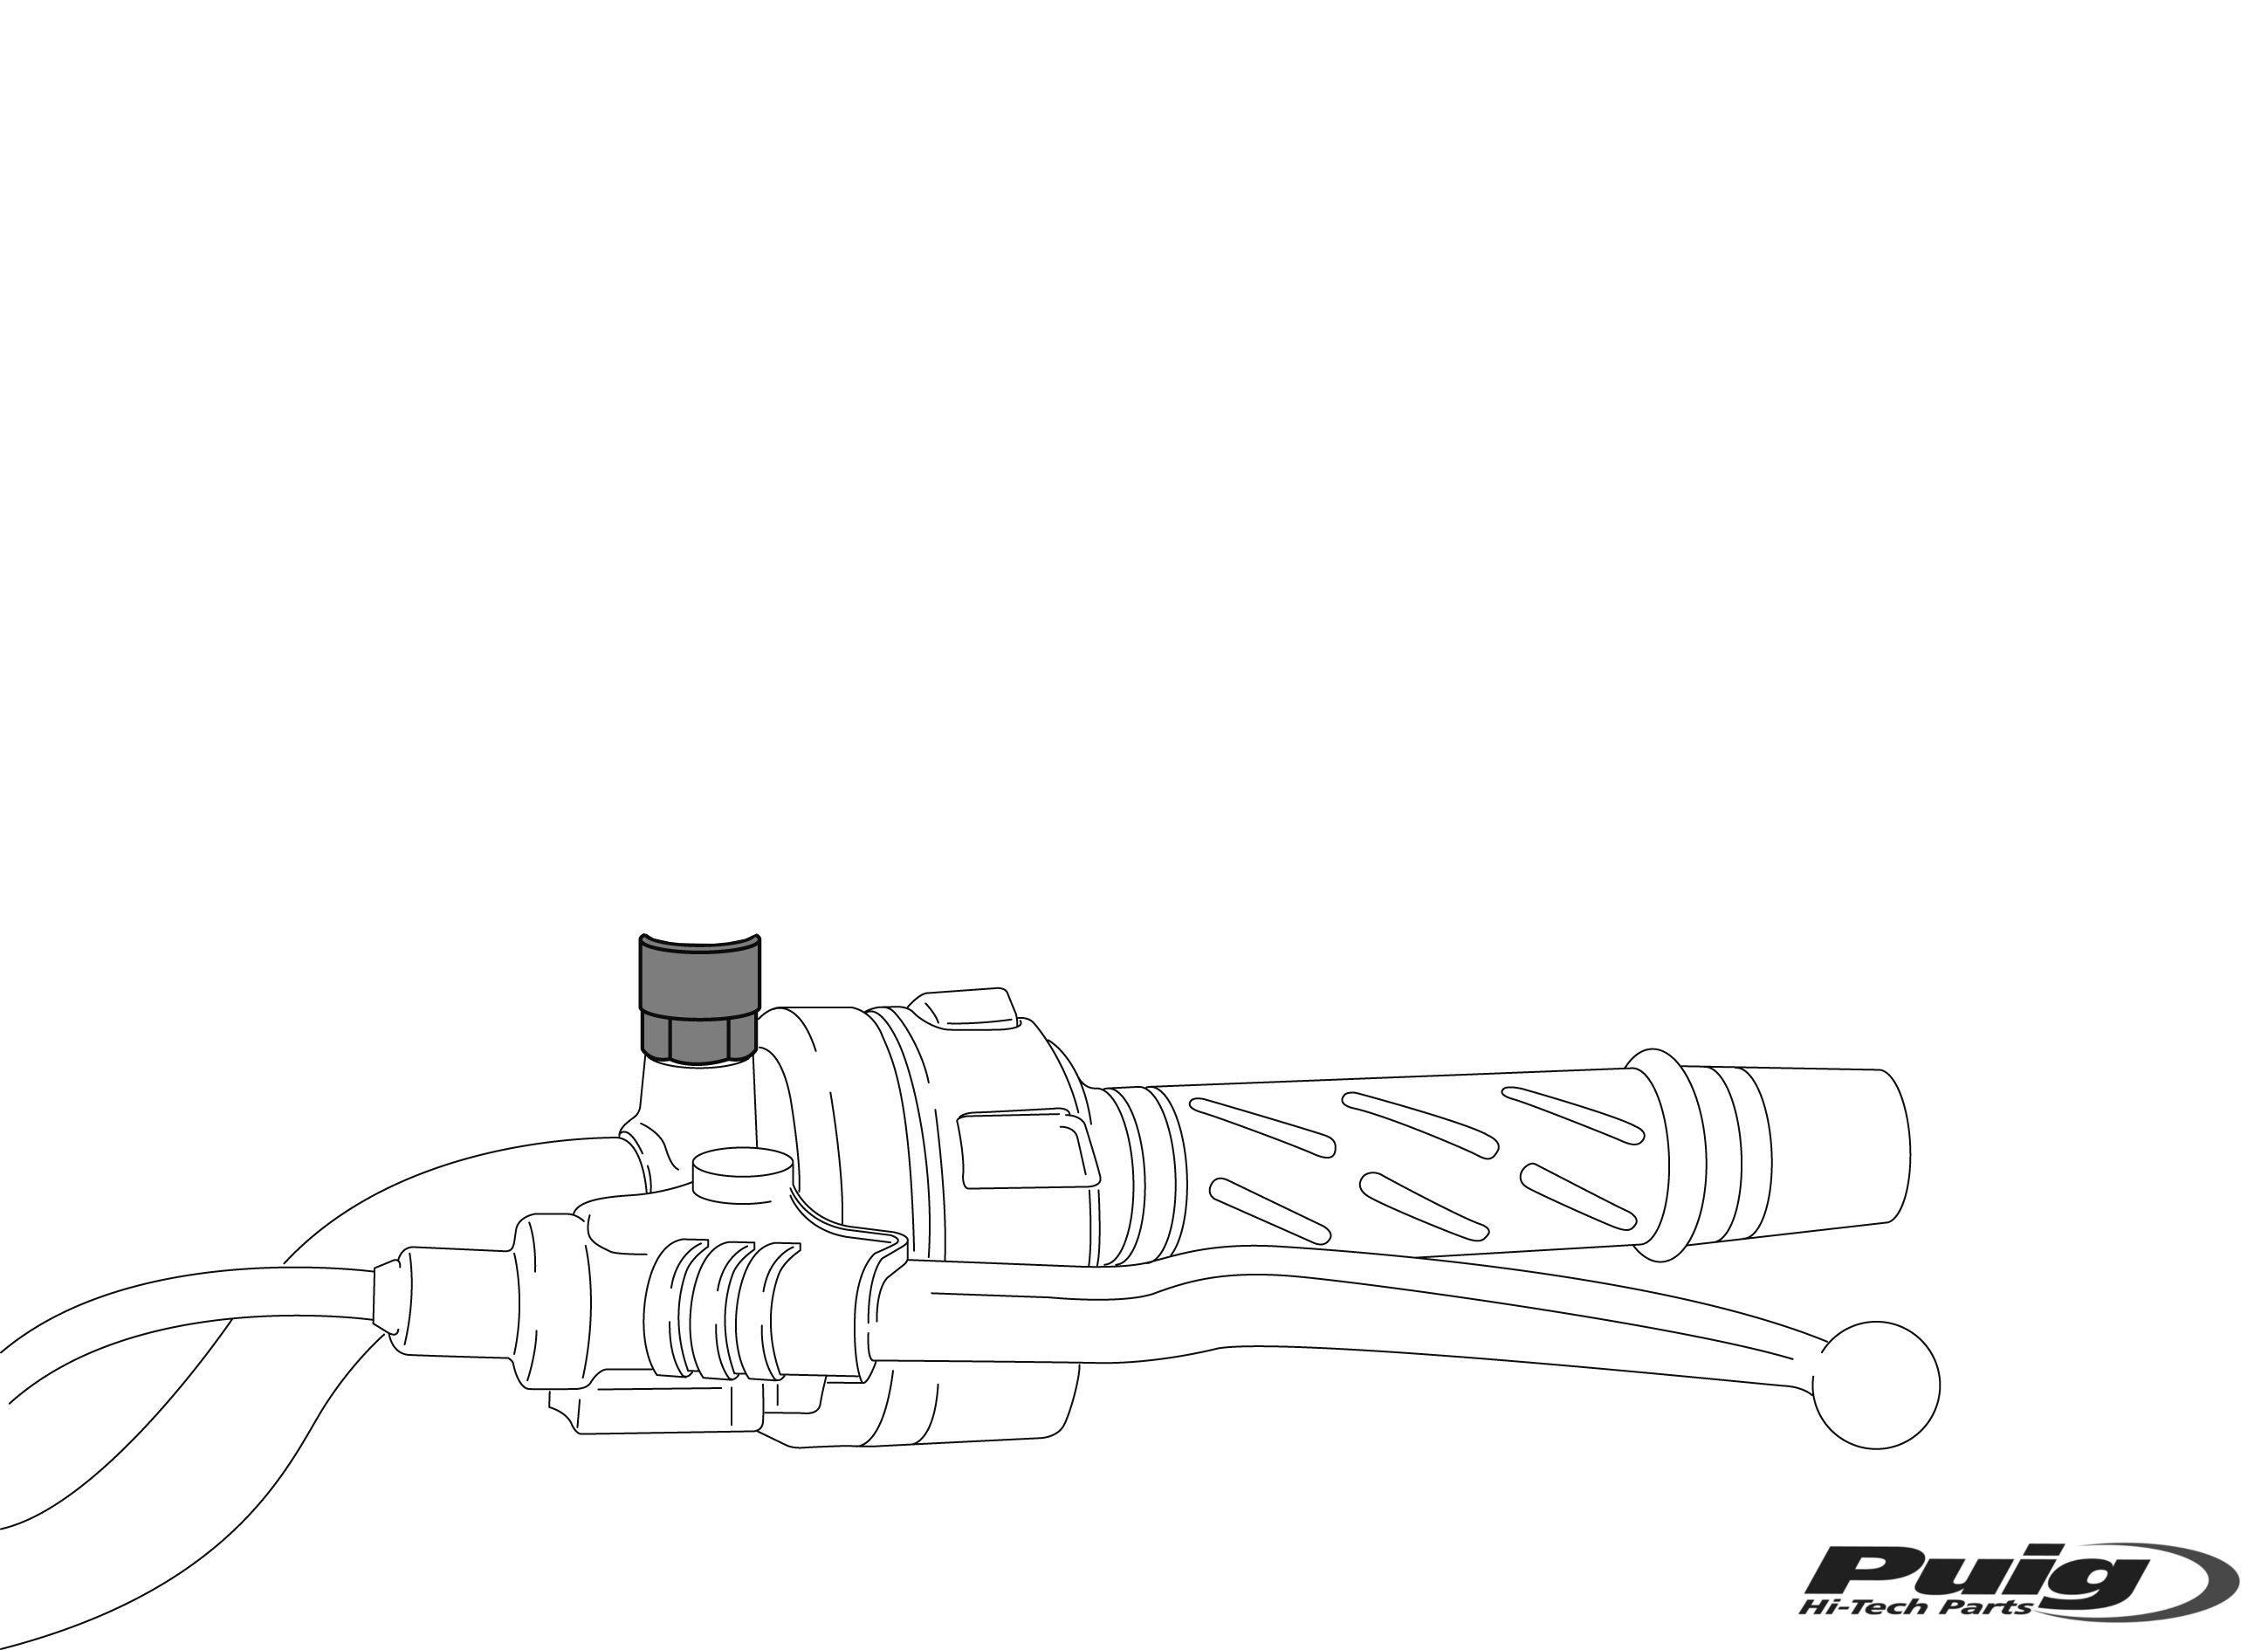 Adaptador retrovisor al carenado Puig 9639N lado derecho para Yamaha R6 06-16